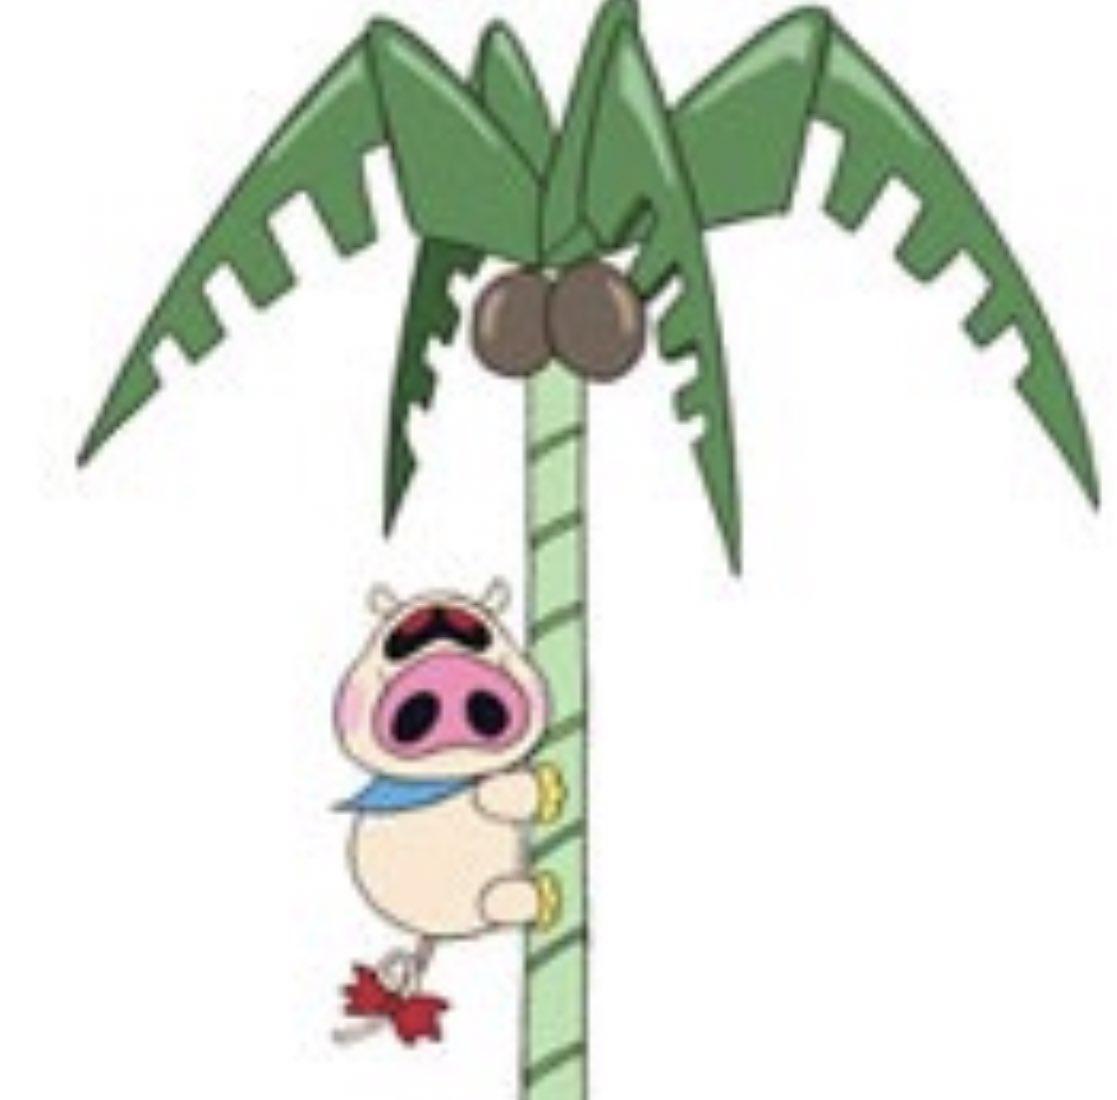 登る おだてりゃ 木 に